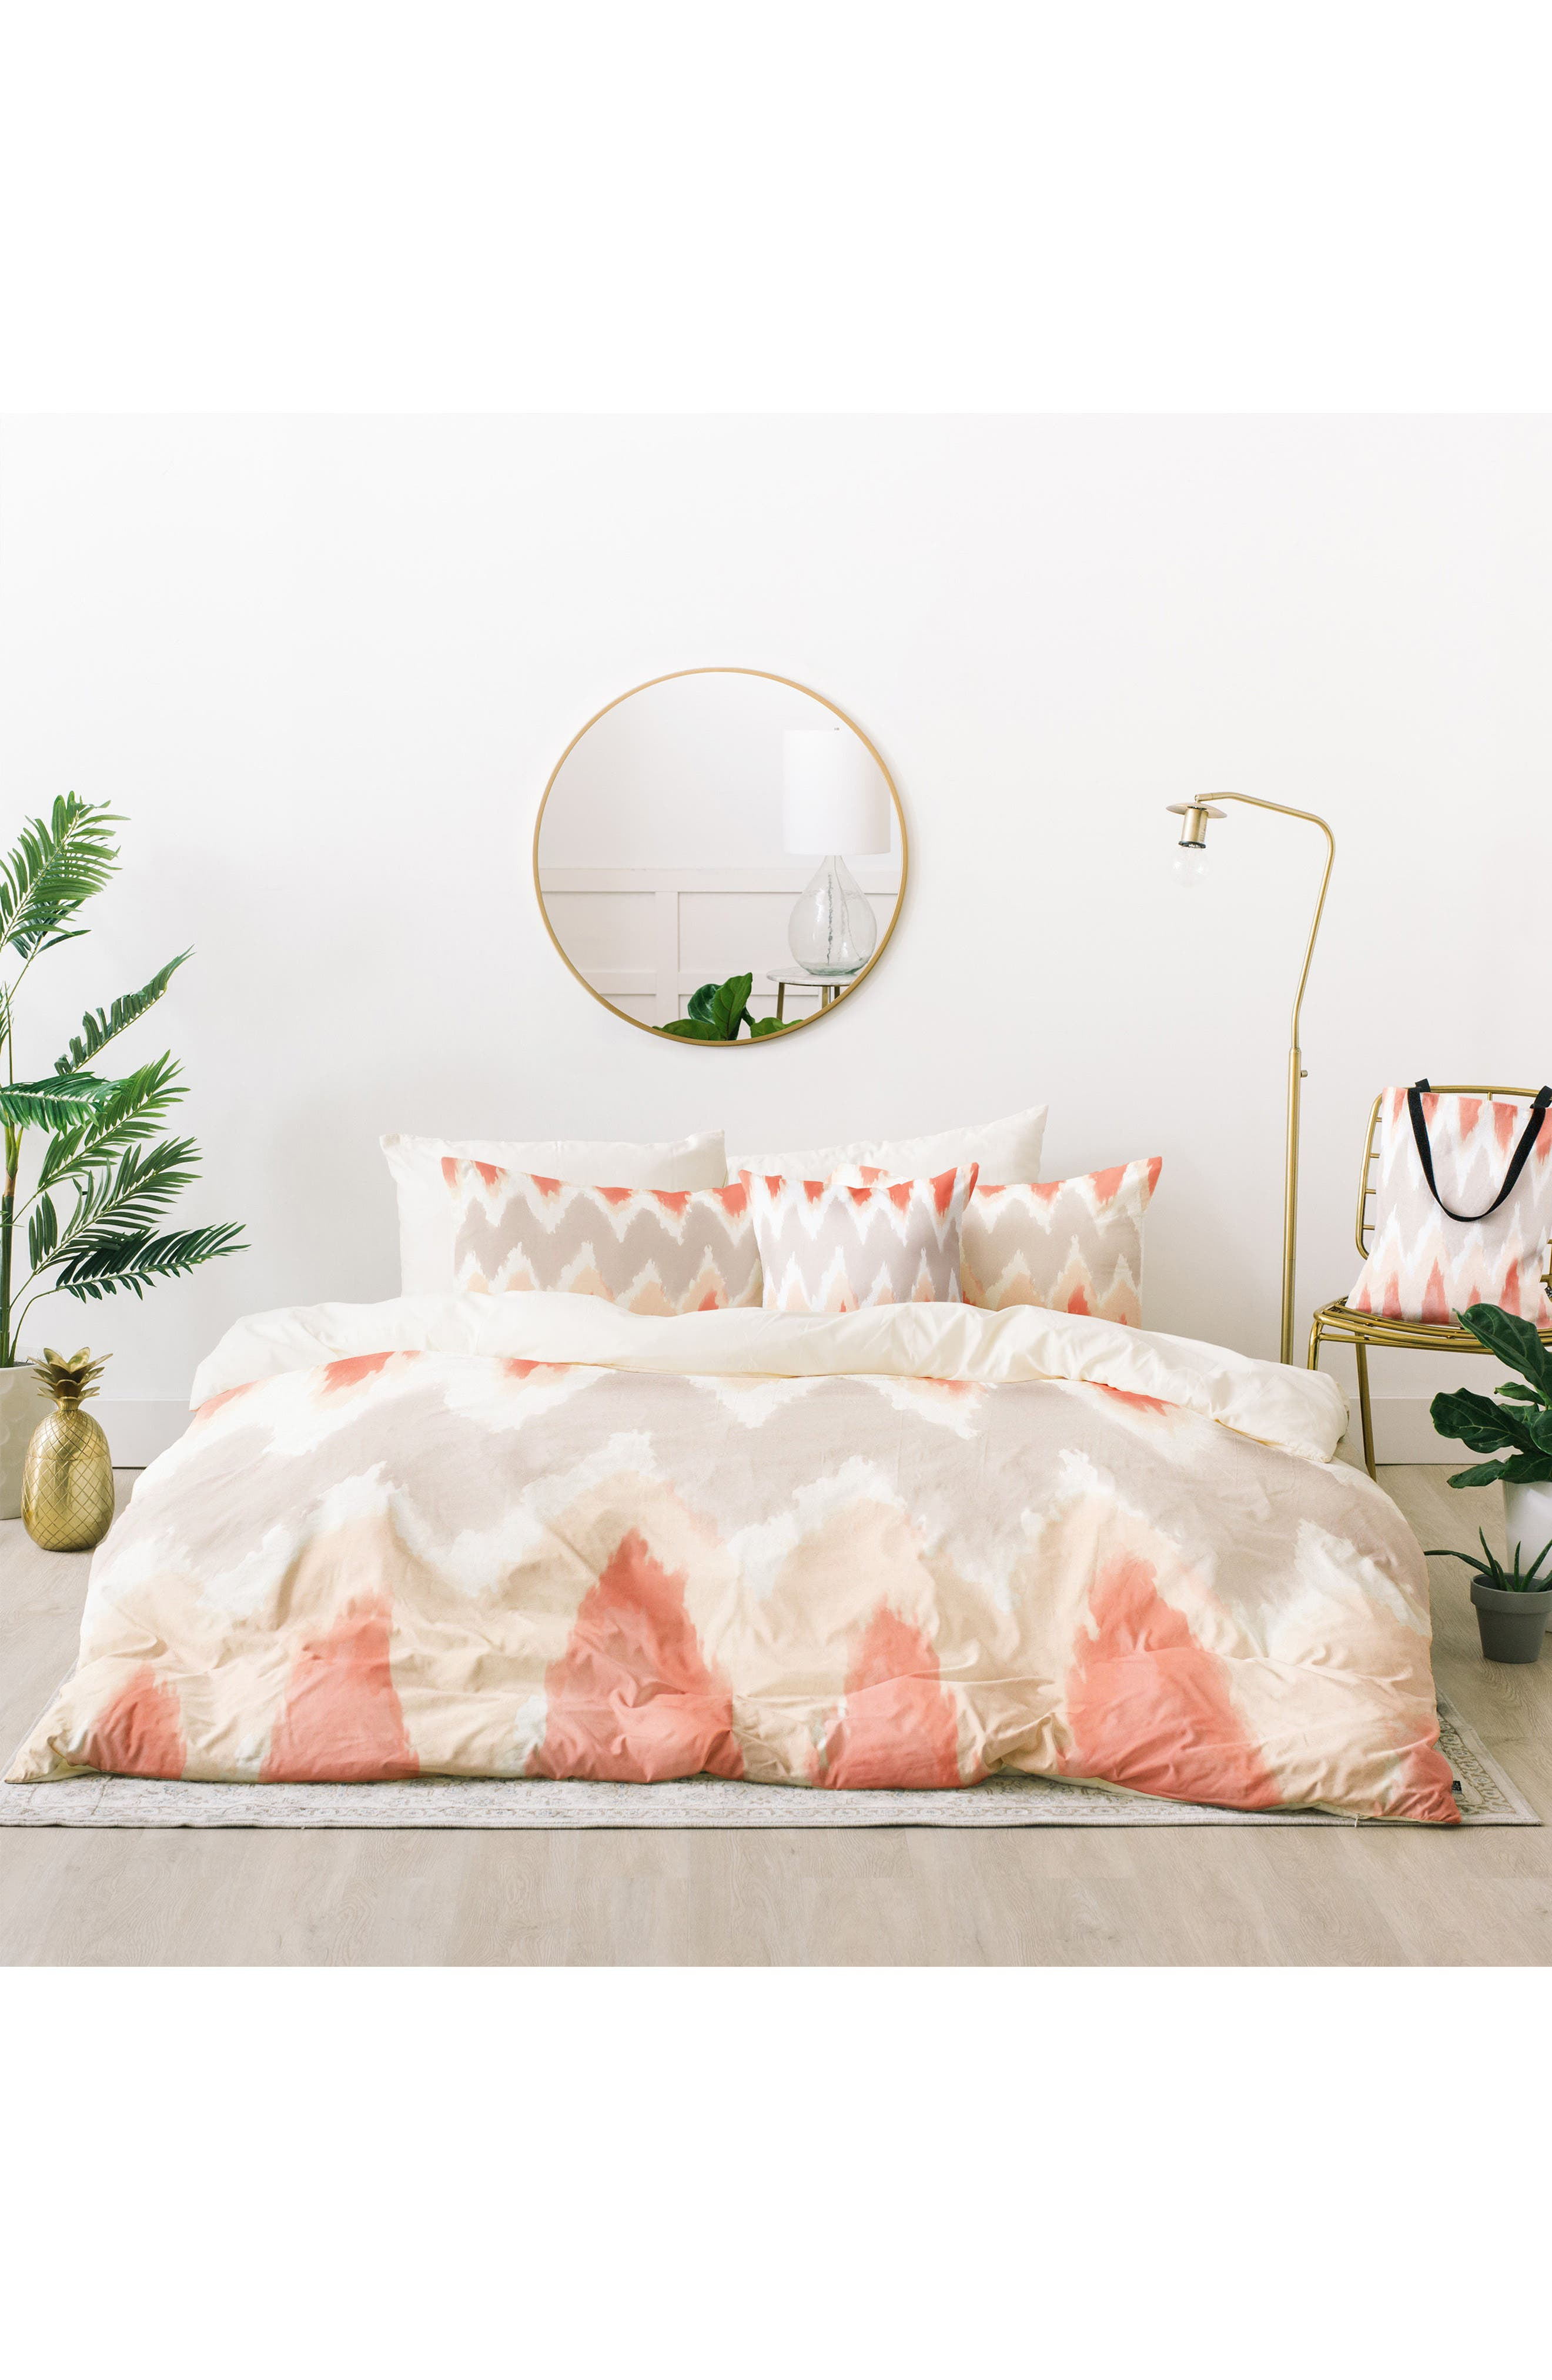 Zoe Wodarz Zigzagzig Bed in a Bag Duvet Cover, Sham & Accent Pillow Set,                         Main,                         color, Peach Multi